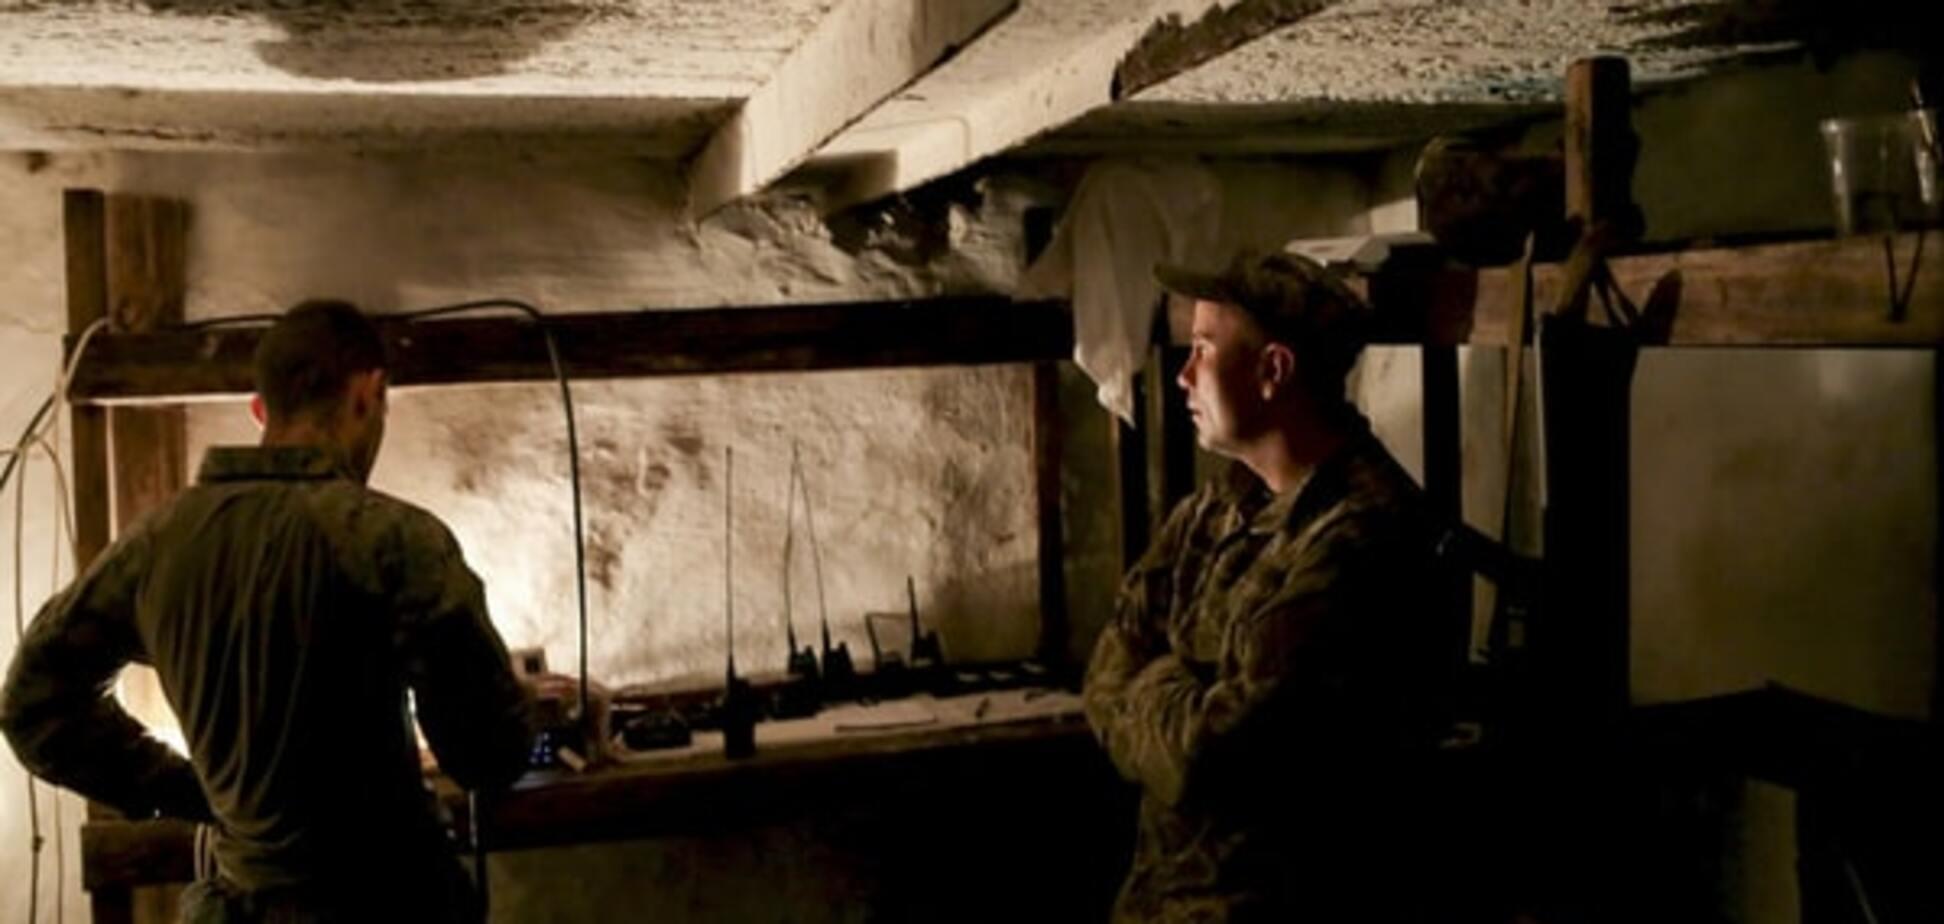 Штаб АТО: бійці на Донбасі знаходяться на позиціях в бойовій готовності